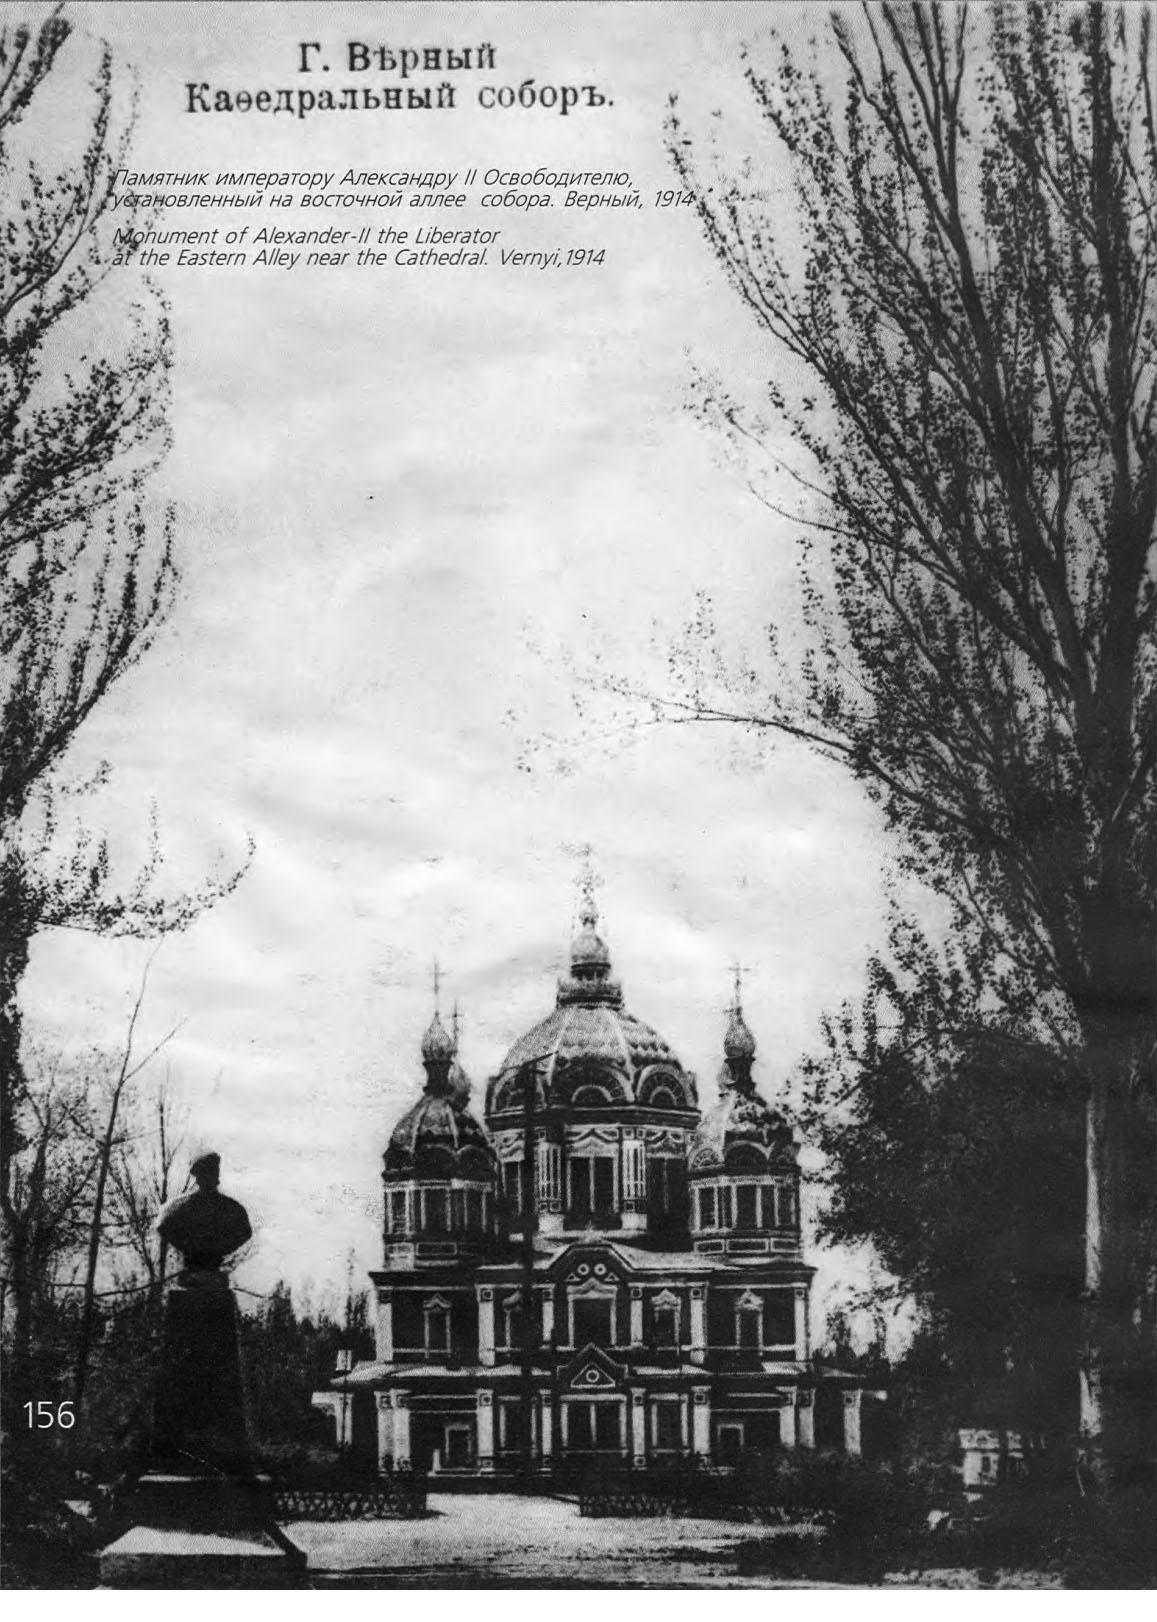 Кафедральный собор. Памятник императору Александру II, установленный на восточной аллее собора.1914